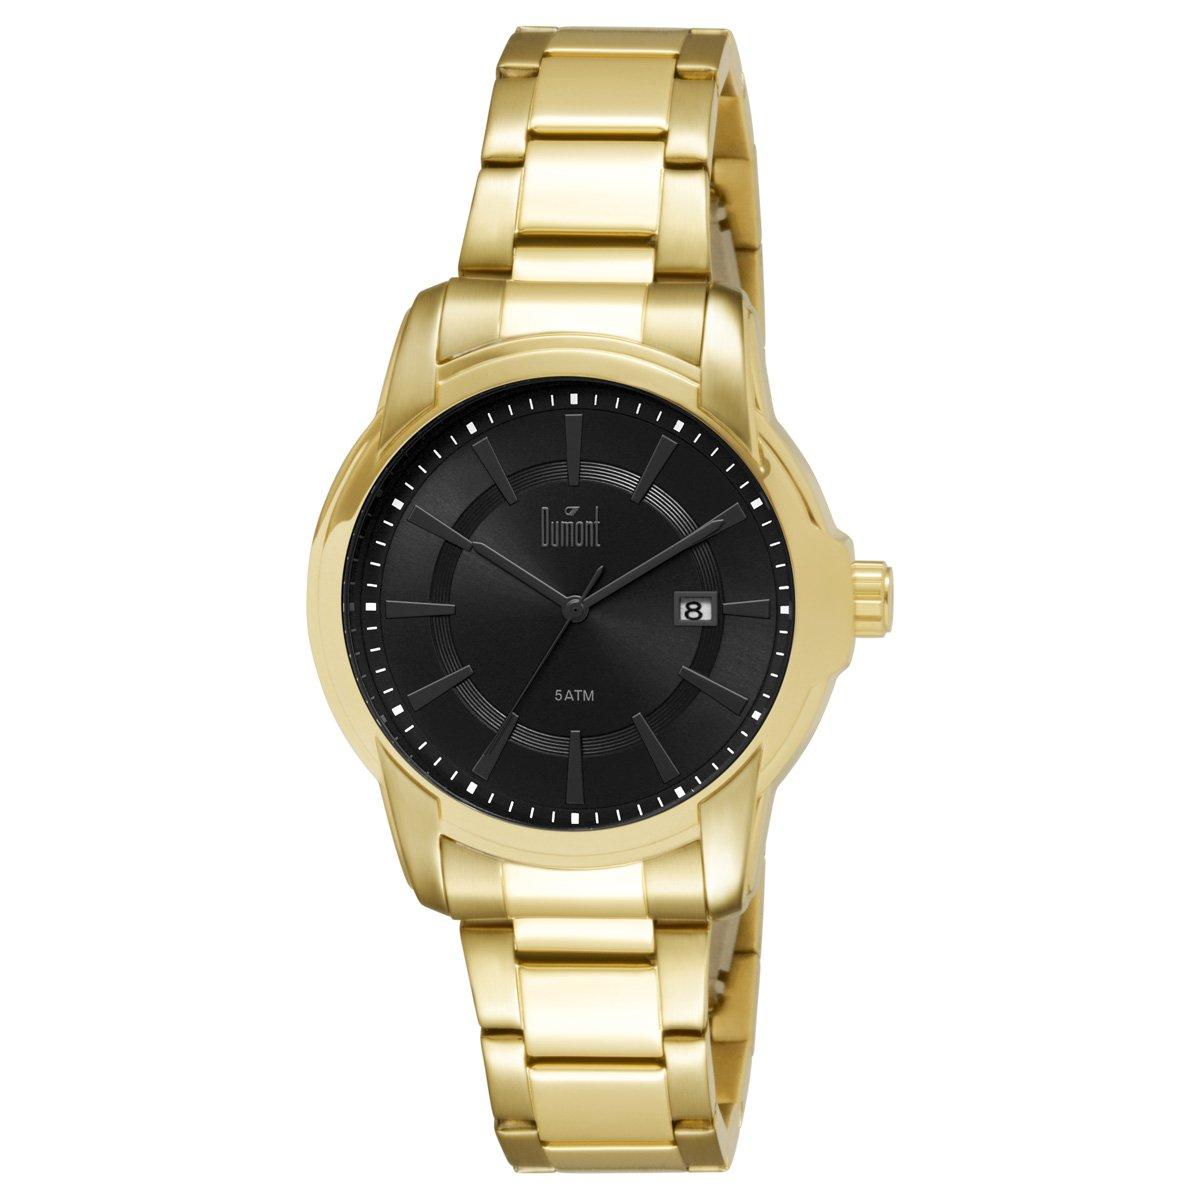 90a8a08522a Relógio Dumont Caixa e Pulseira De Metal Banhado - Compre Agora ...